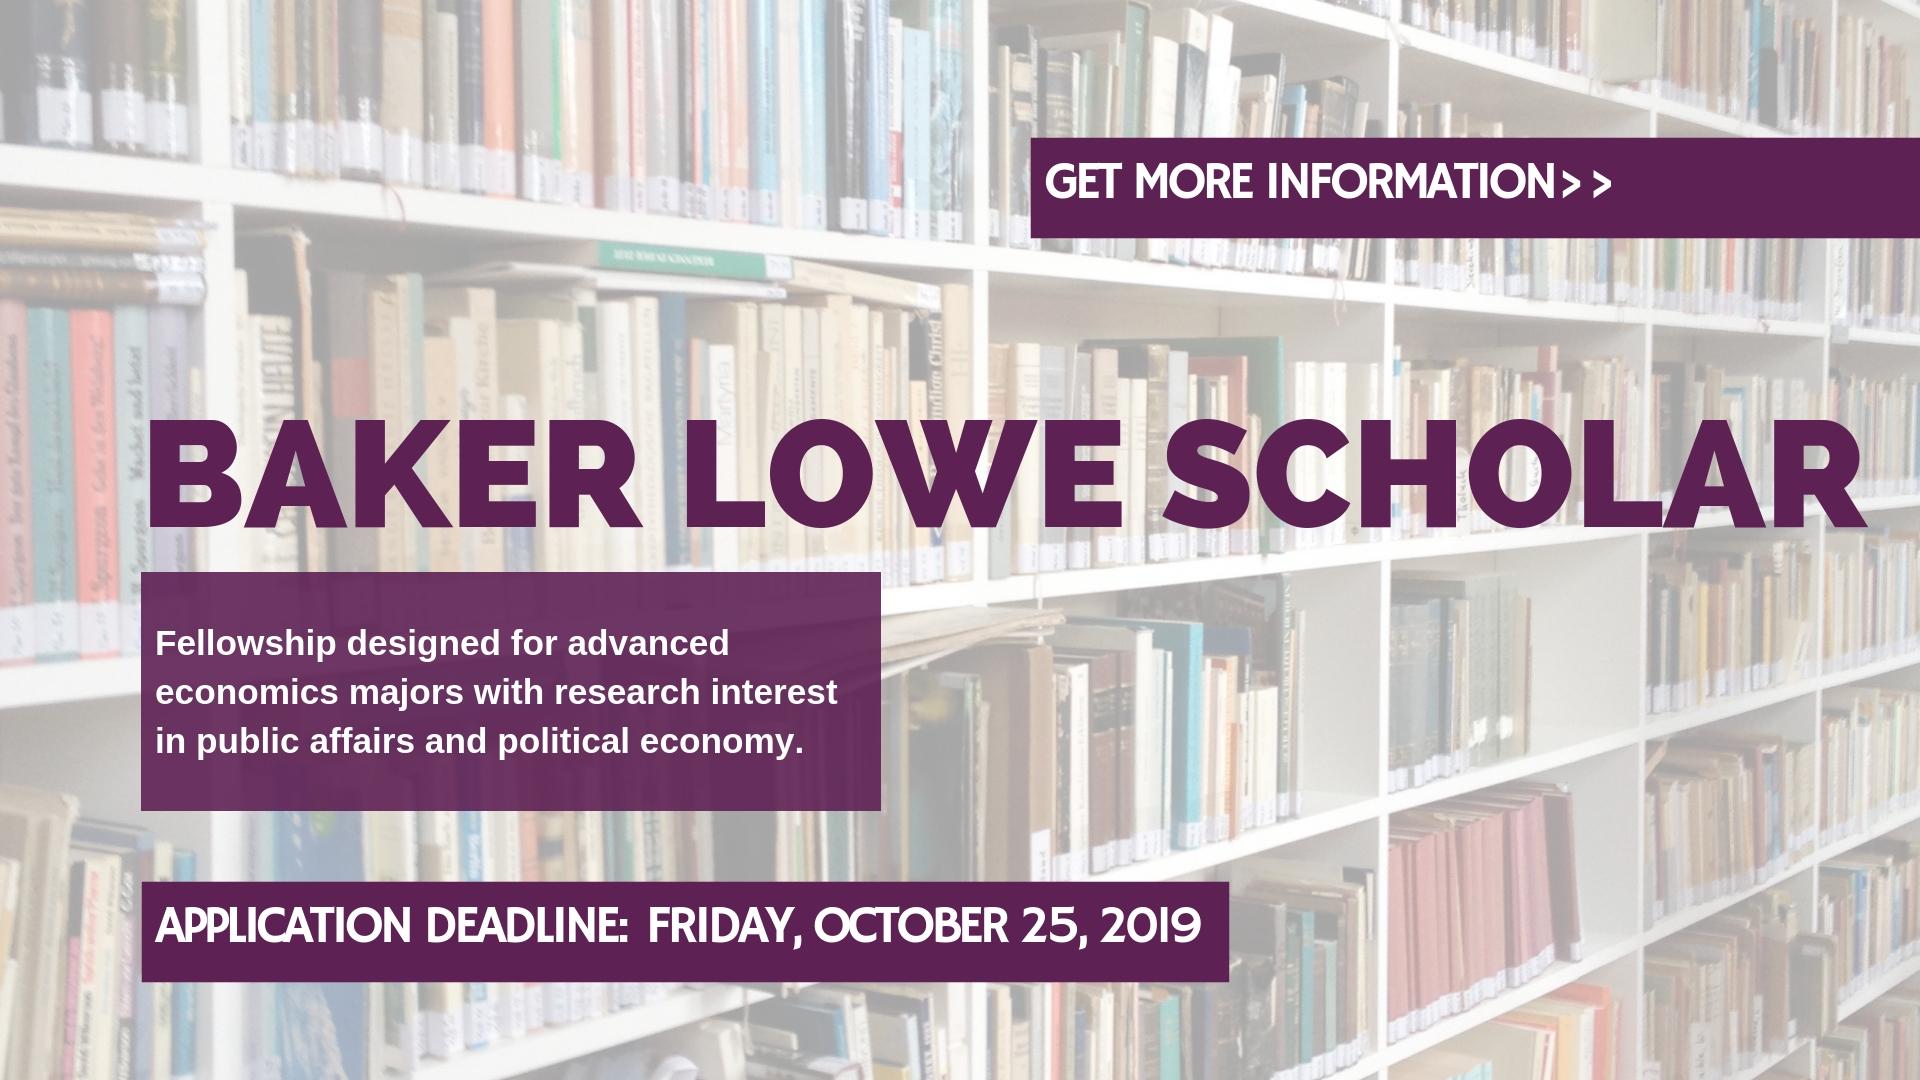 baker lowe scholar (1)